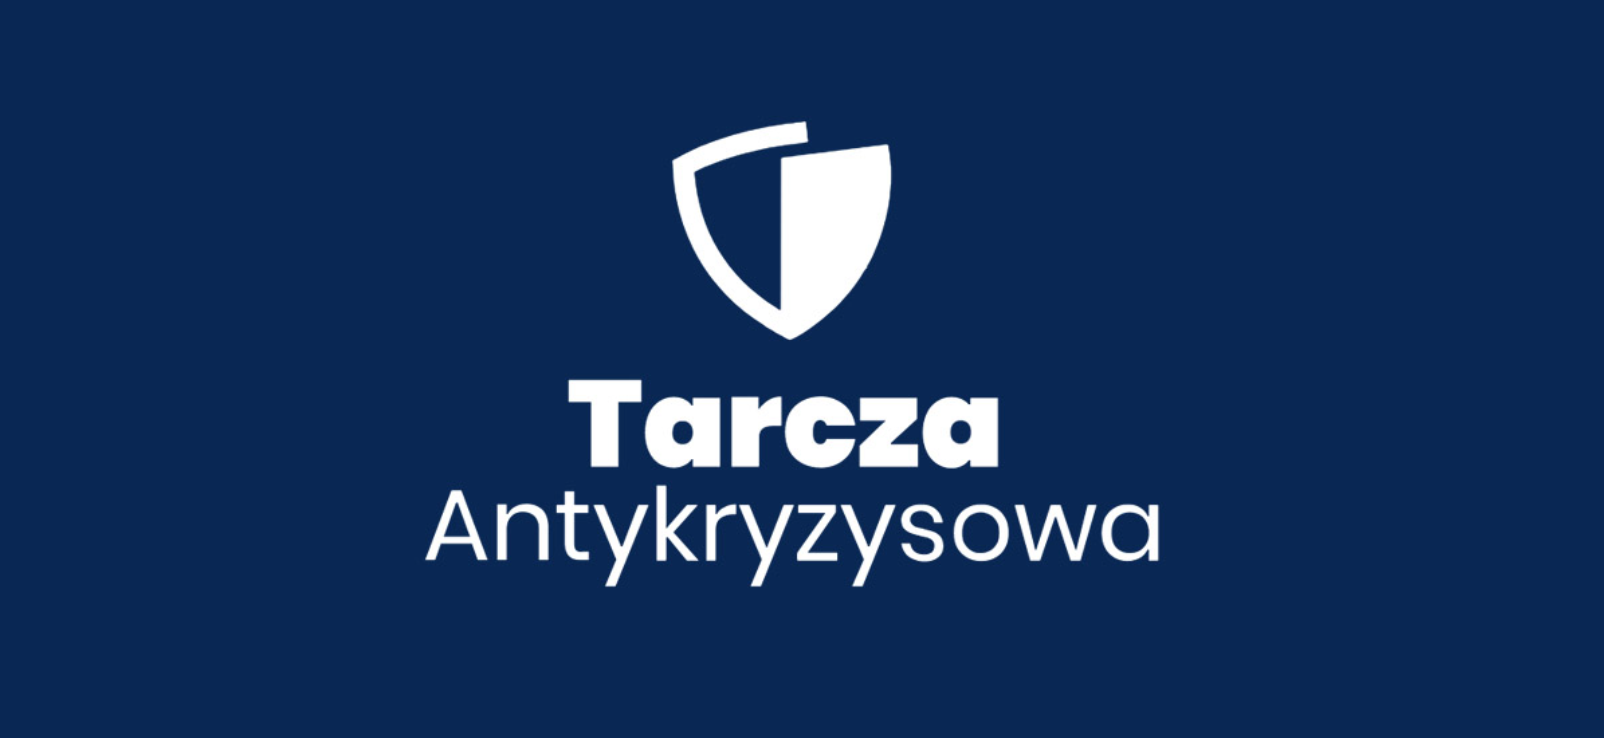 Funduszowy Pakiet Antywirusowy jako uzupełnienie Tarczy